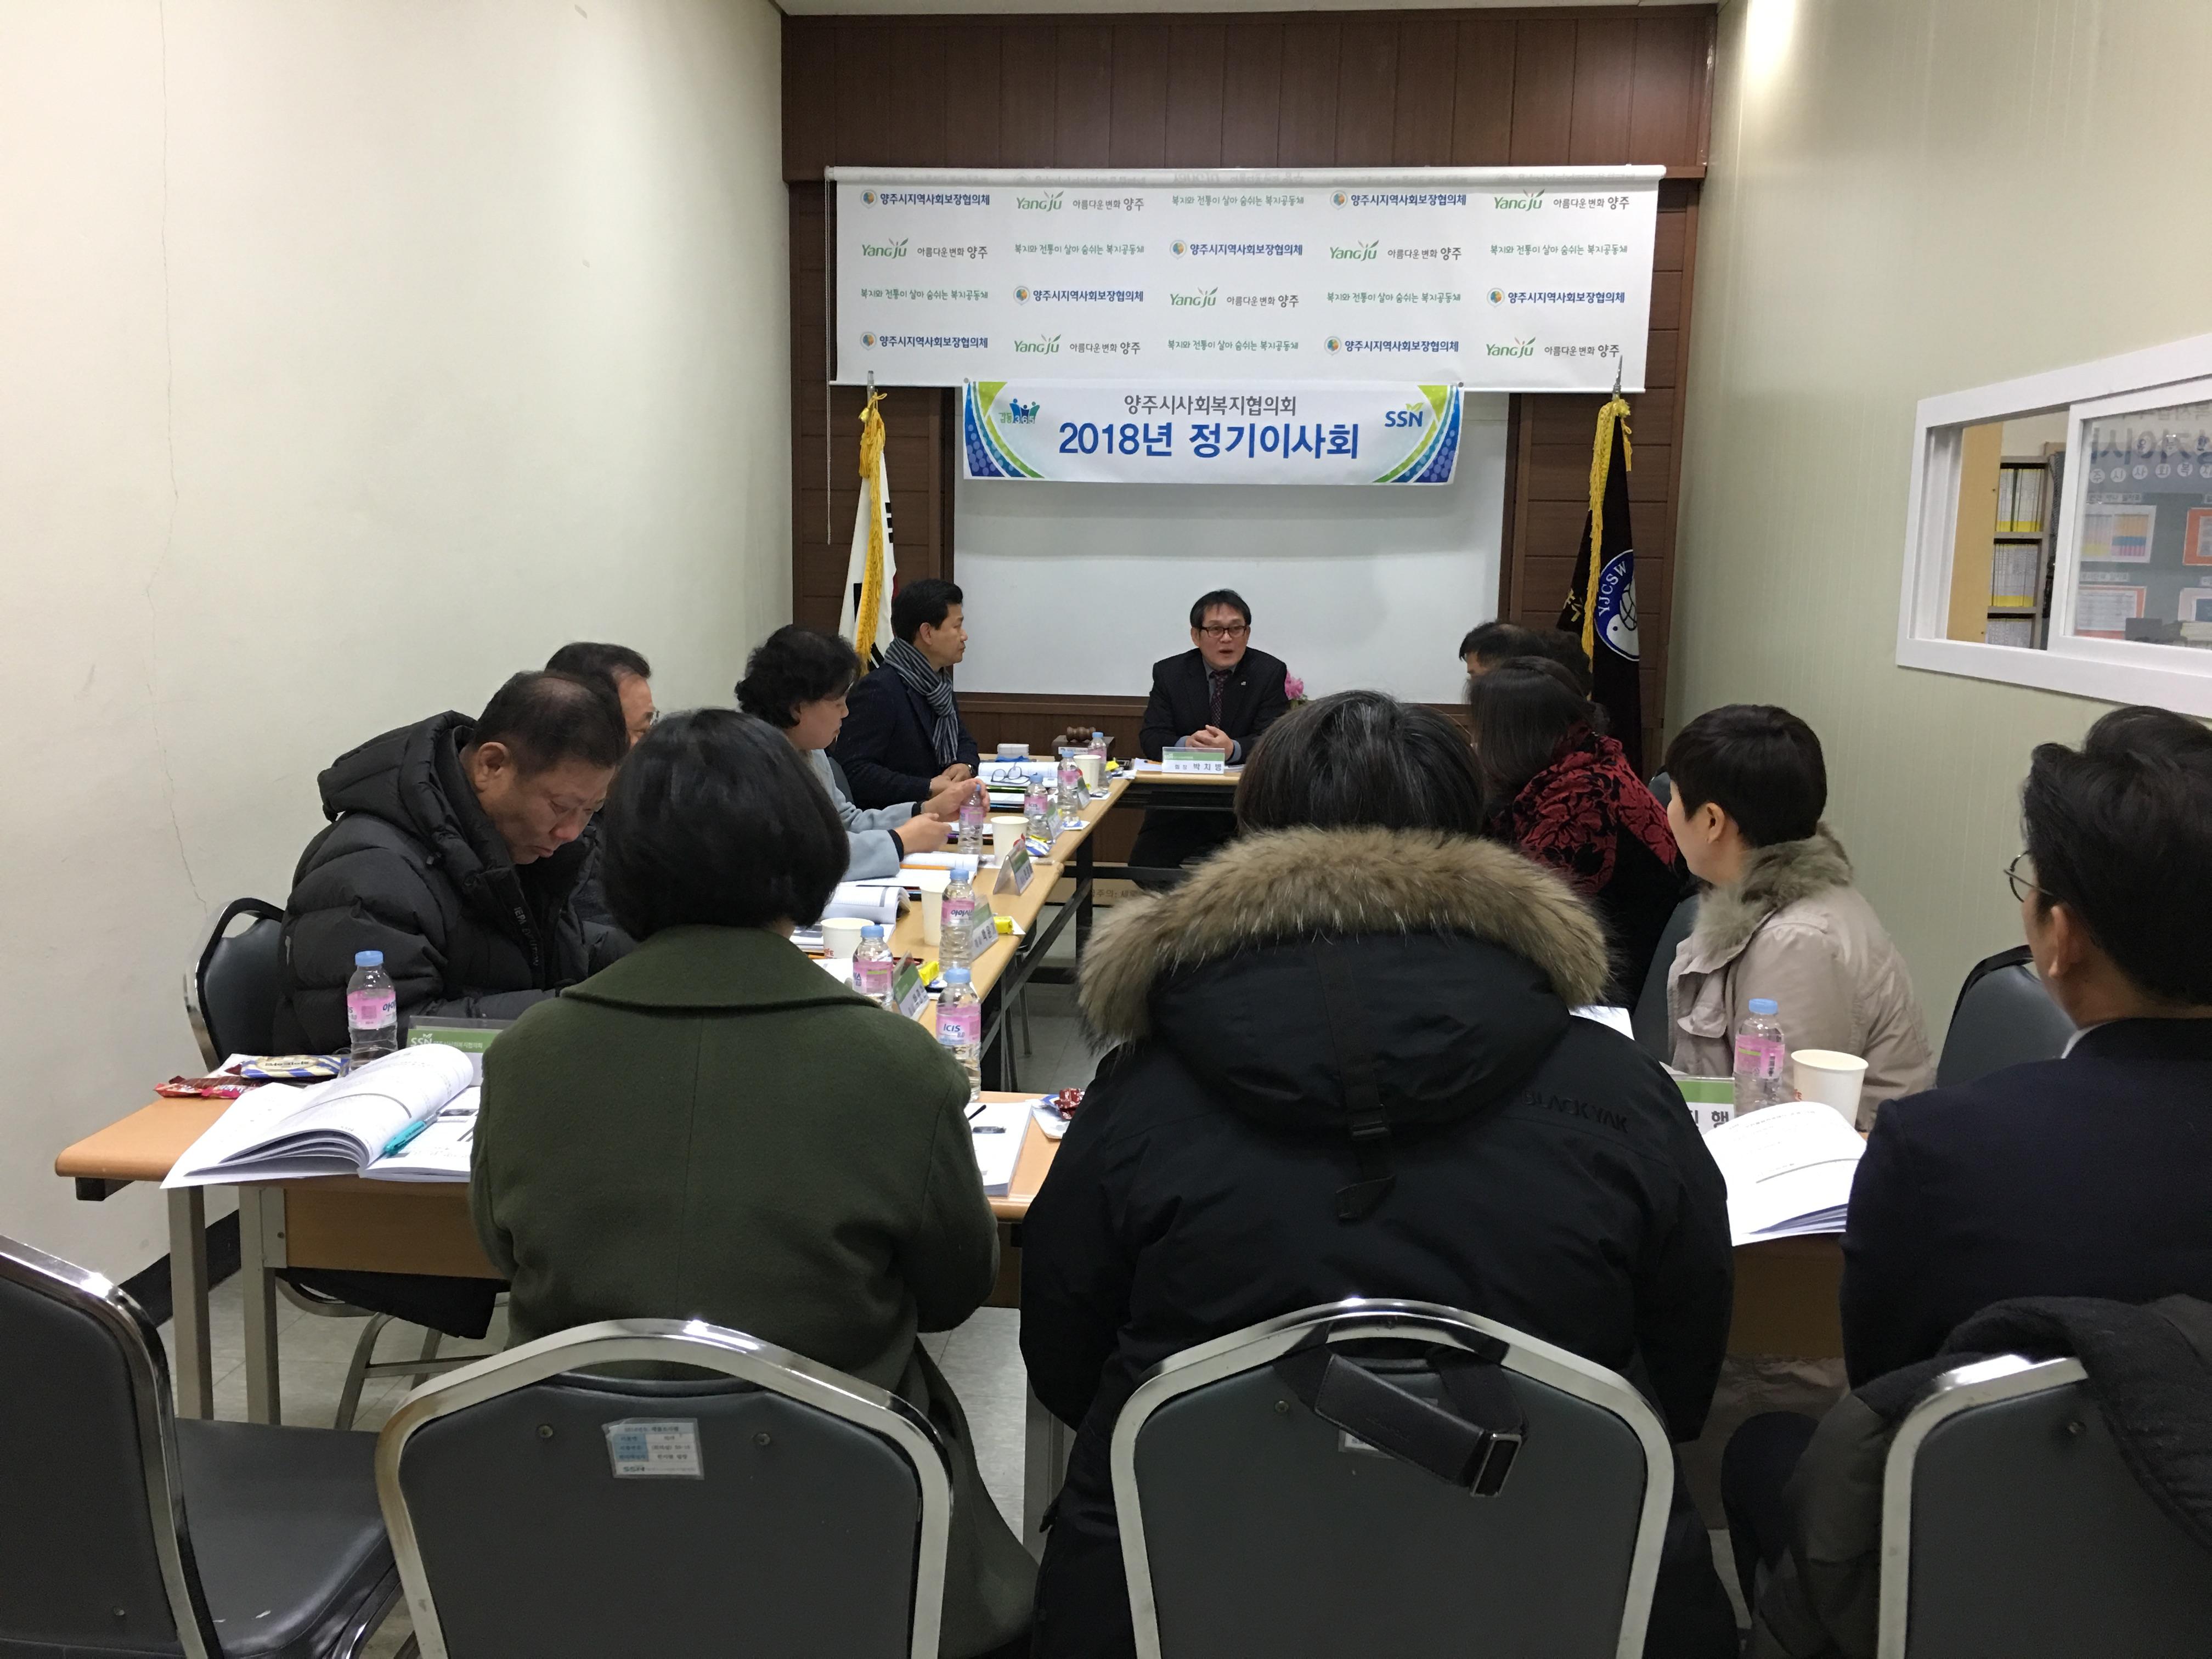 2018 제1차 정기이사회 개최